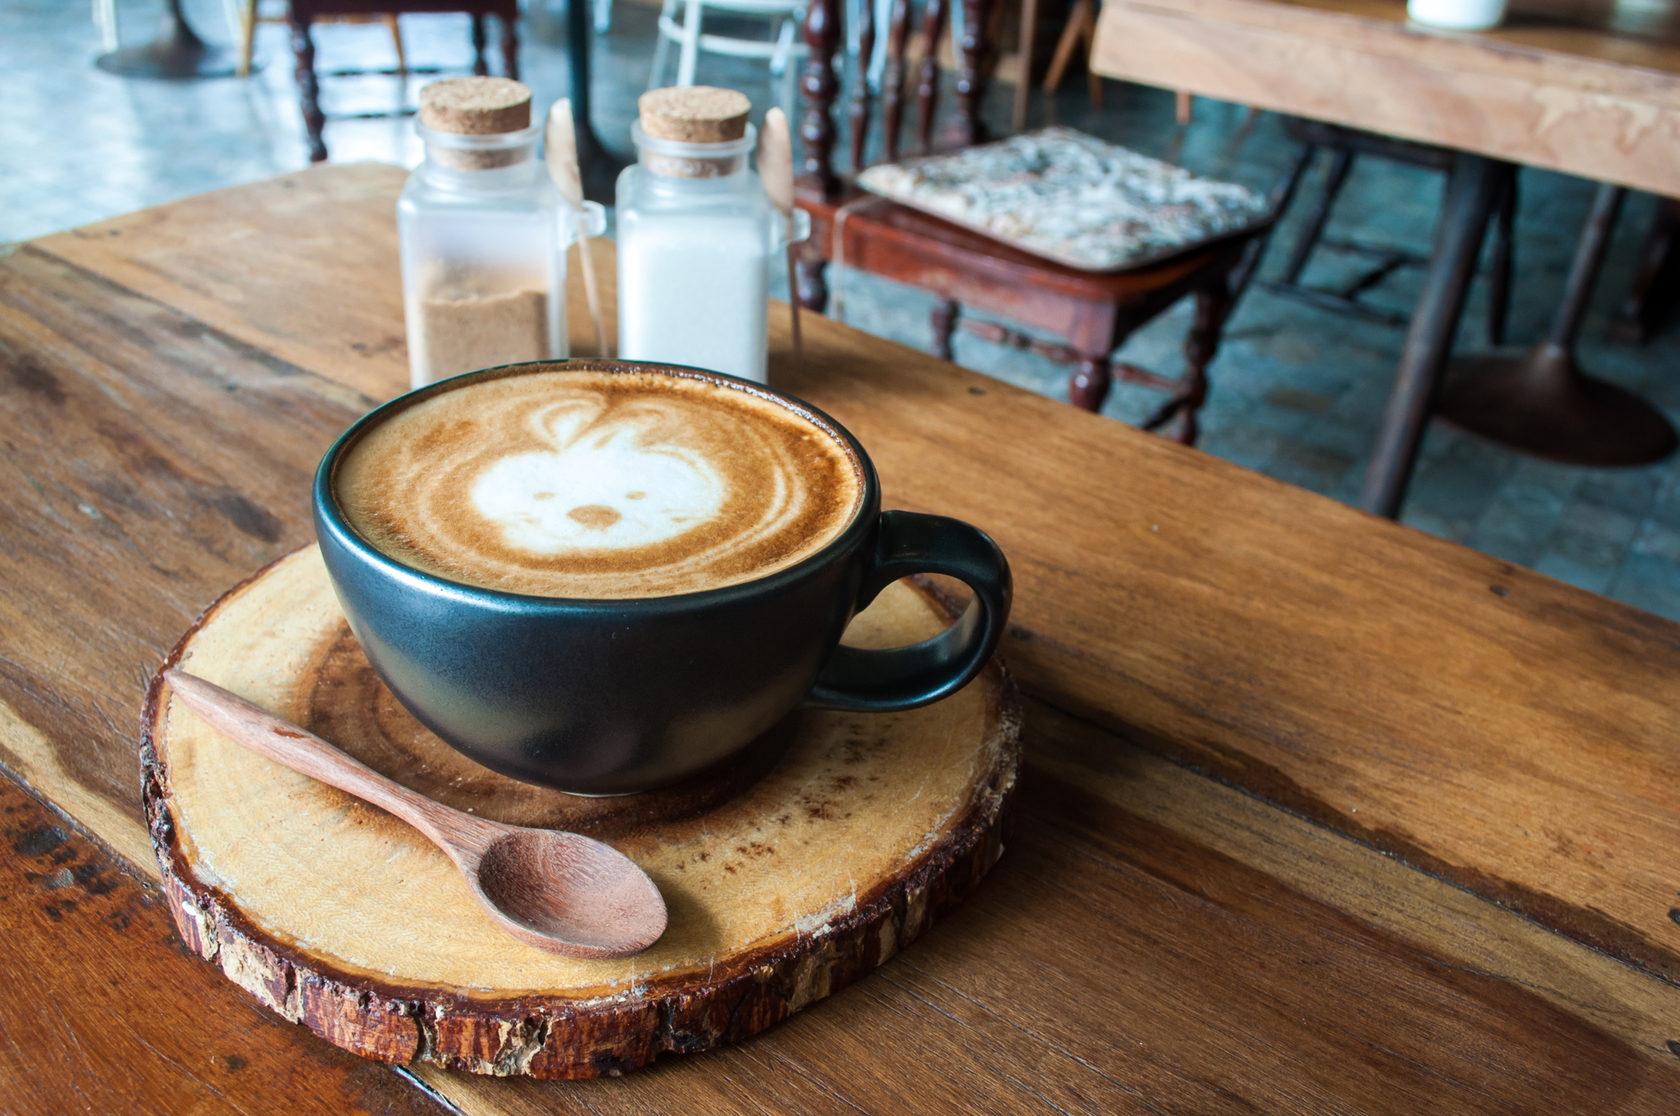 будь картинка чашка кофе выпить краска подсохнет, контрастным